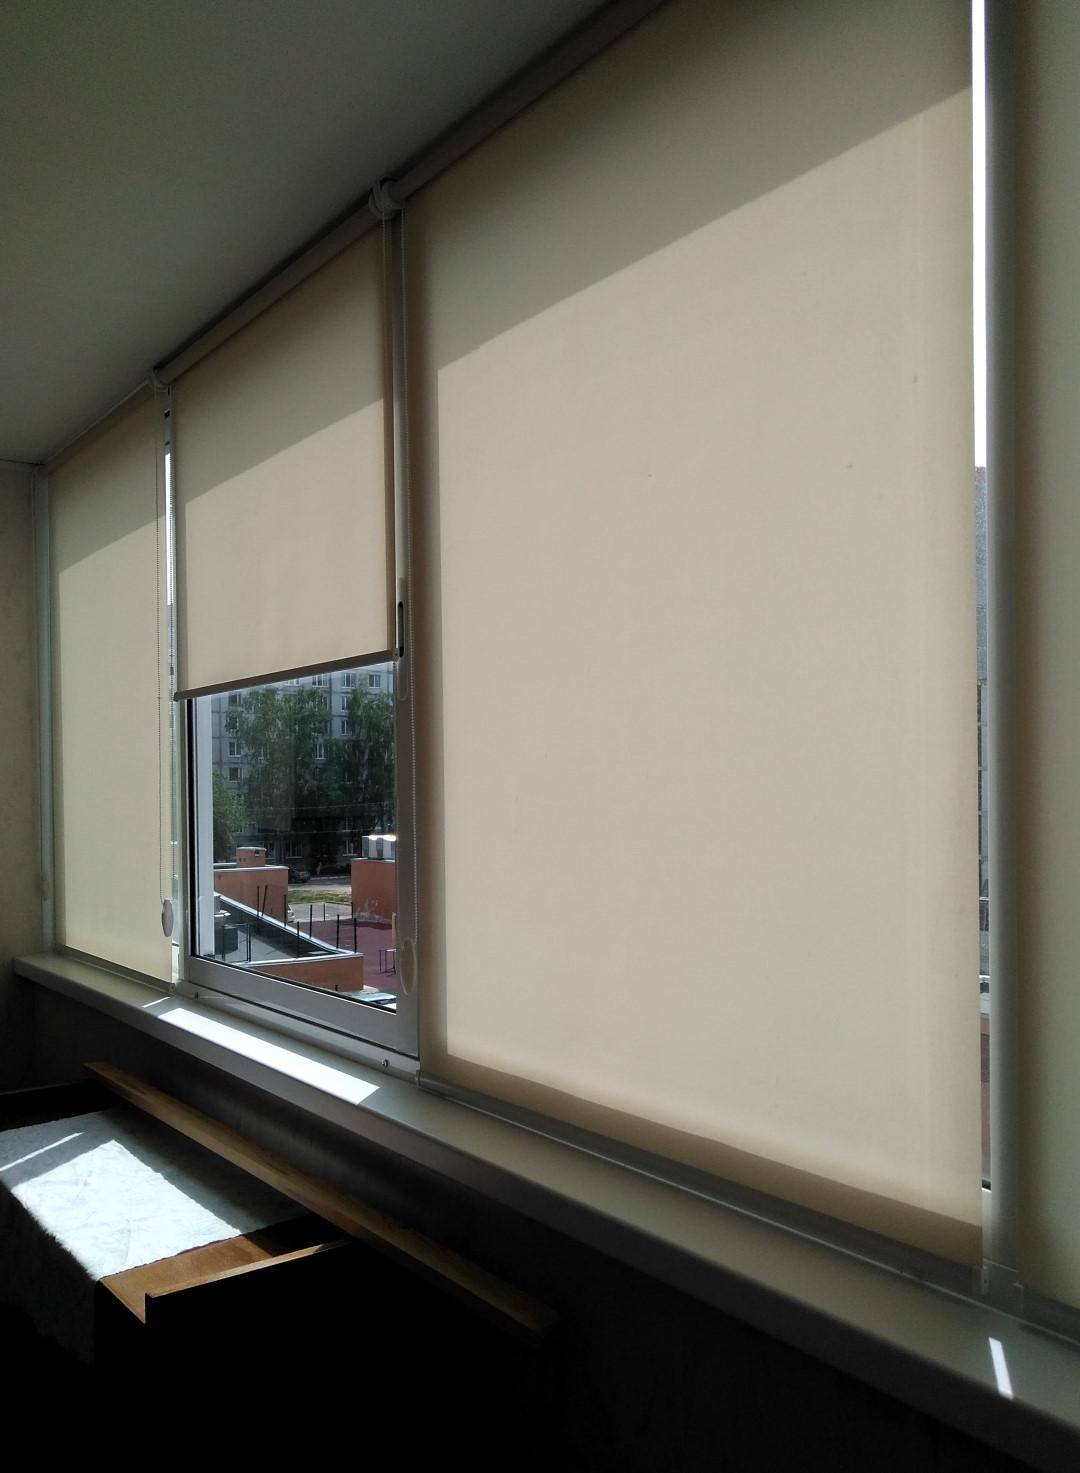 Свободновисящие рулонные шторы с креплением к потолку на балконе.